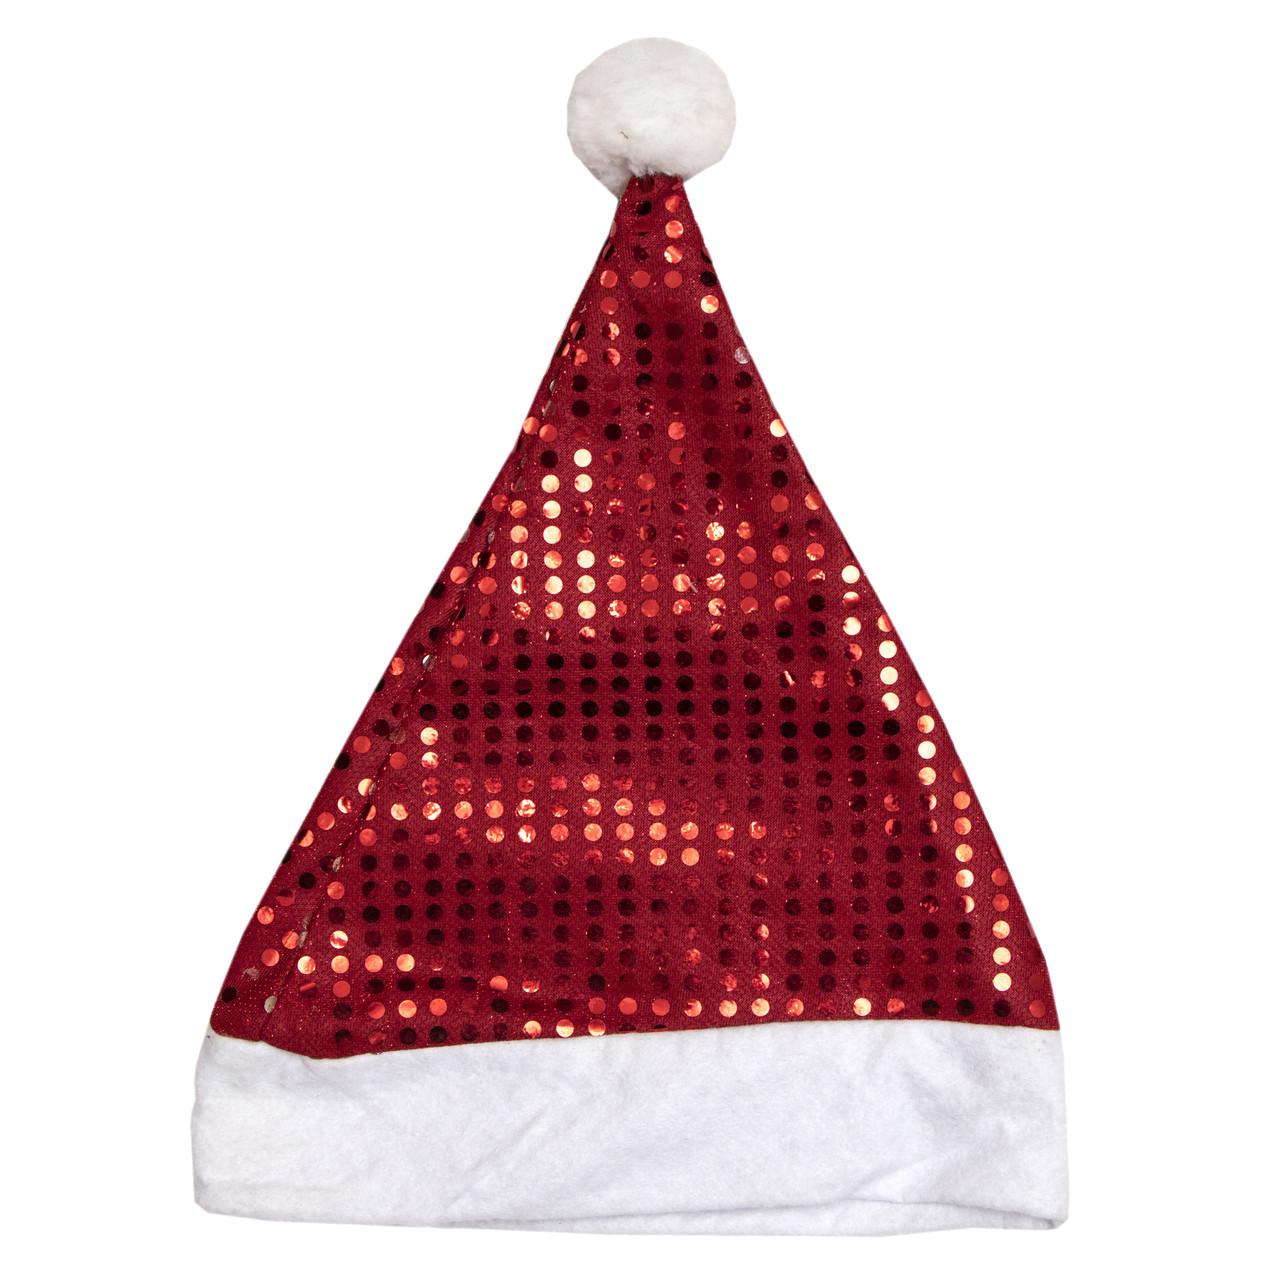 Новорічний карнавальний ковпак червоний з блискітками, 58-60 см, поліестер (461134)